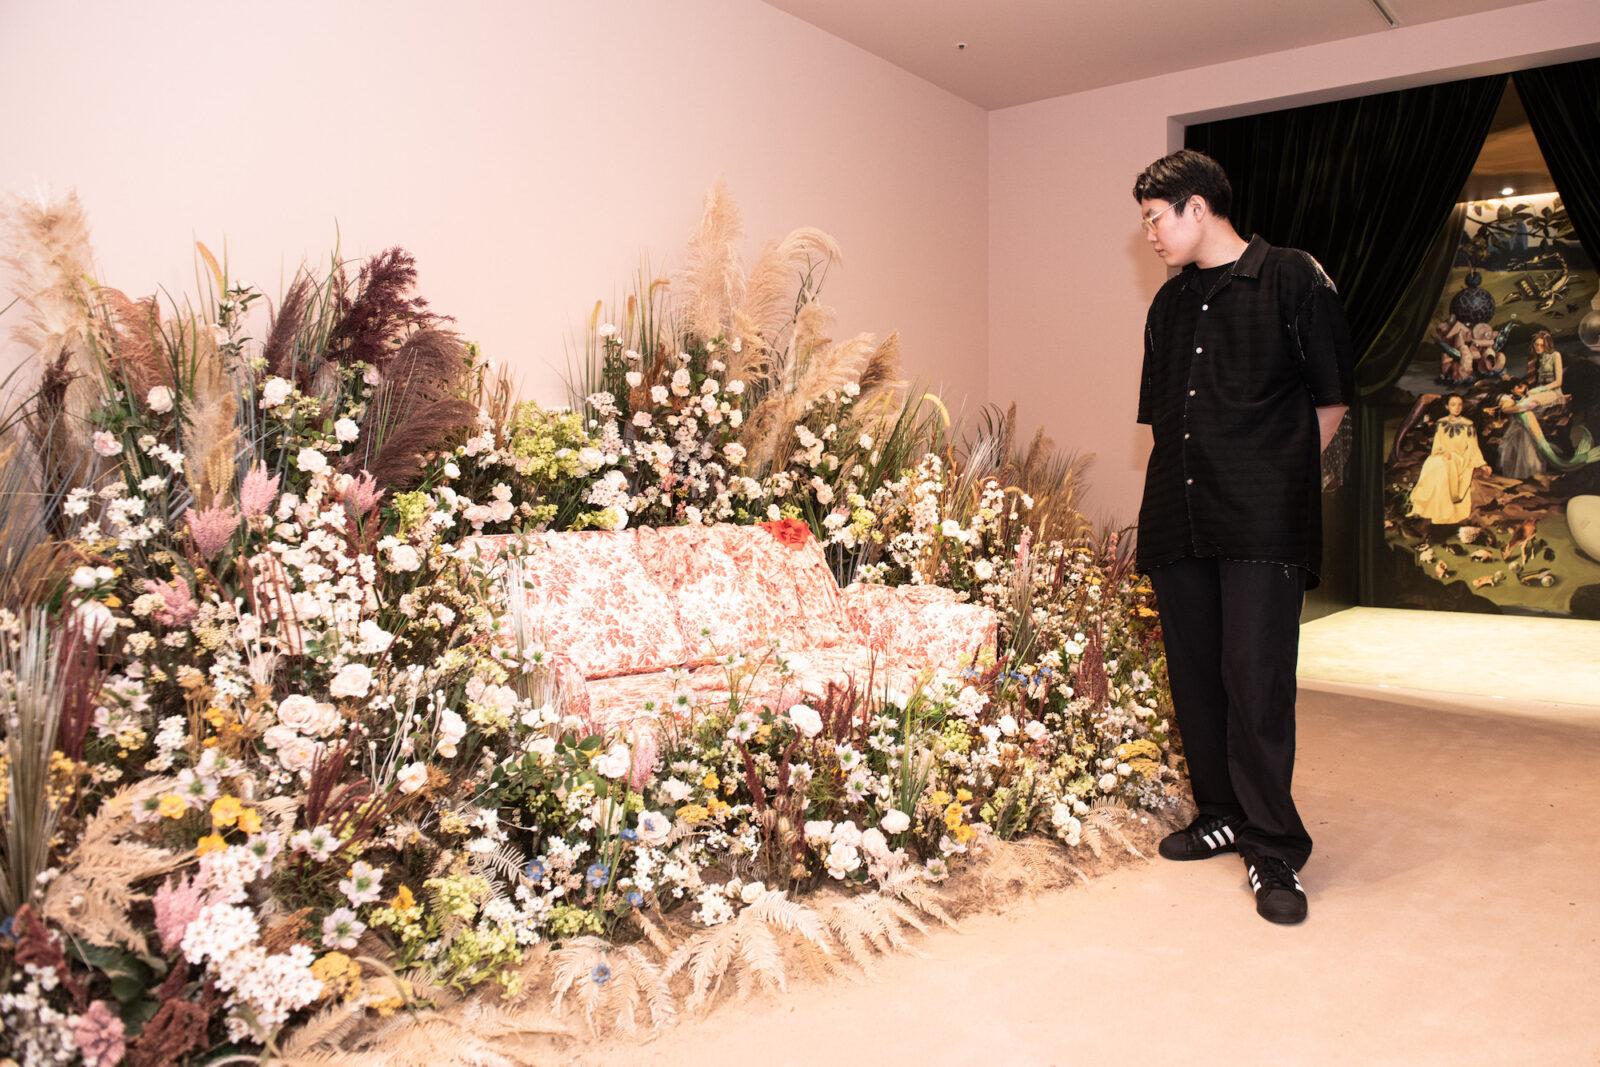 篠田ミル「グッチ ガーデン アーキタイプ」展